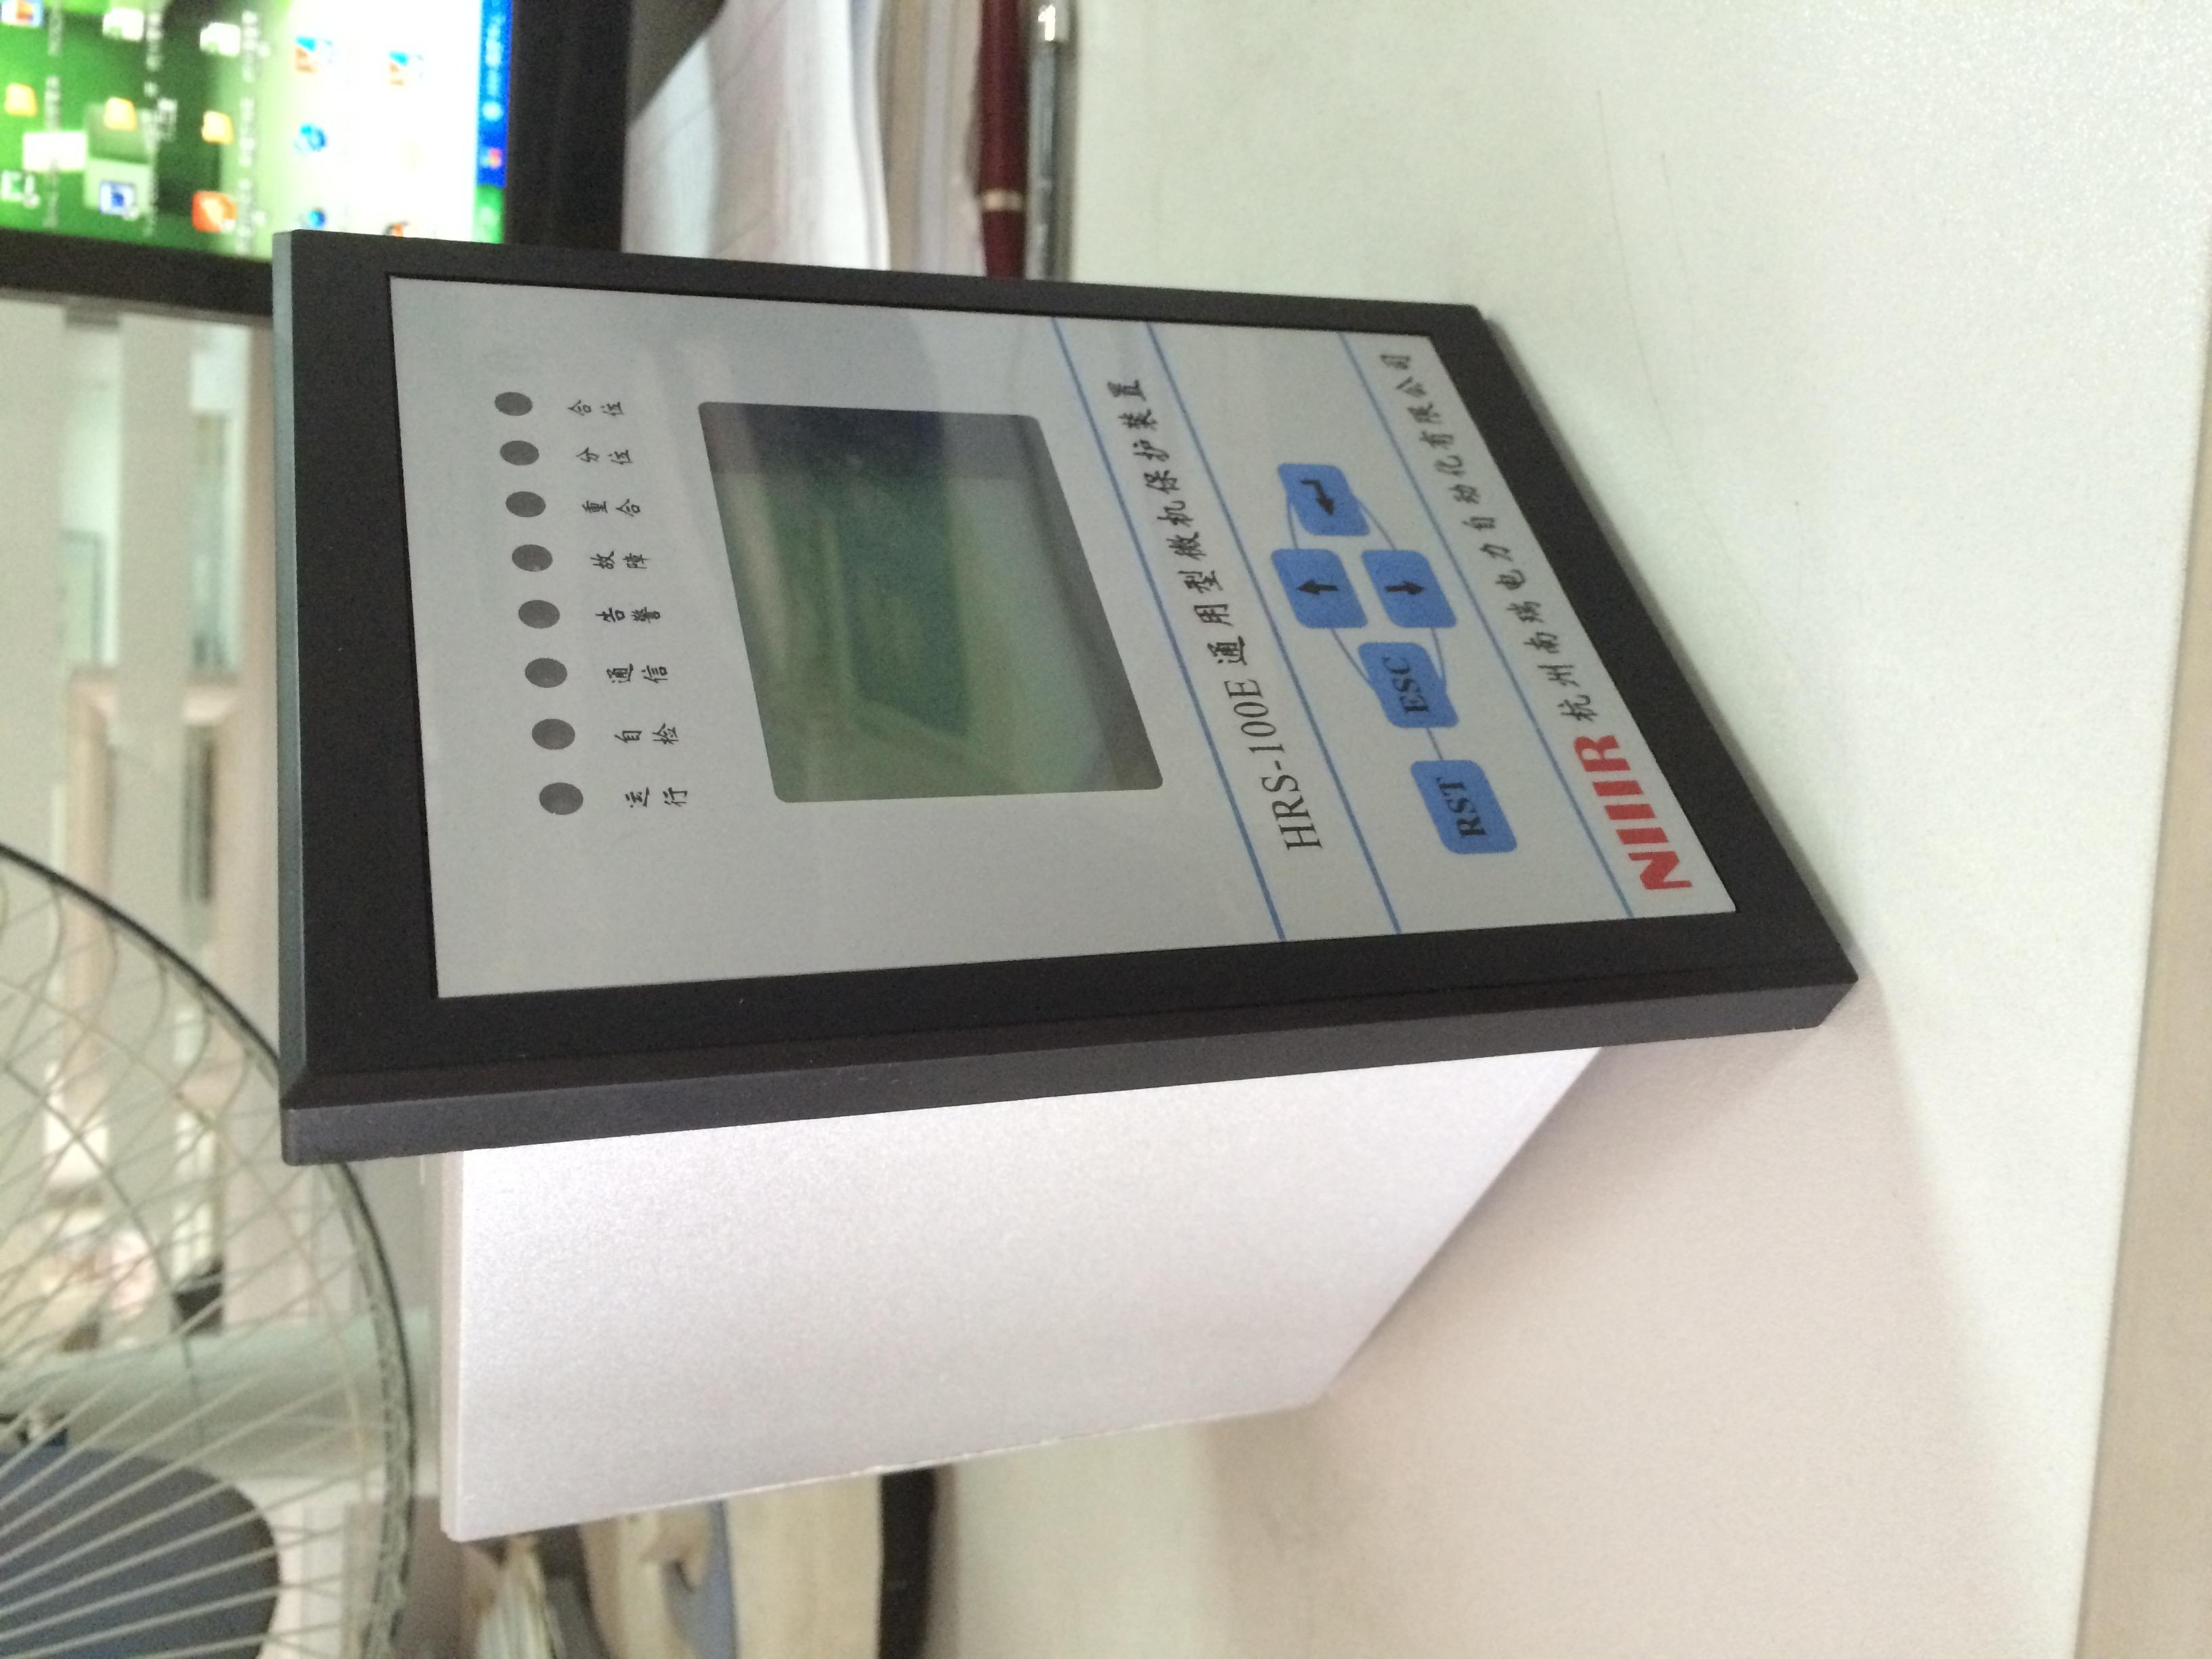 南瑞电力HRS-100E 杭州南瑞,南瑞电力,微机,综保,自动化设备